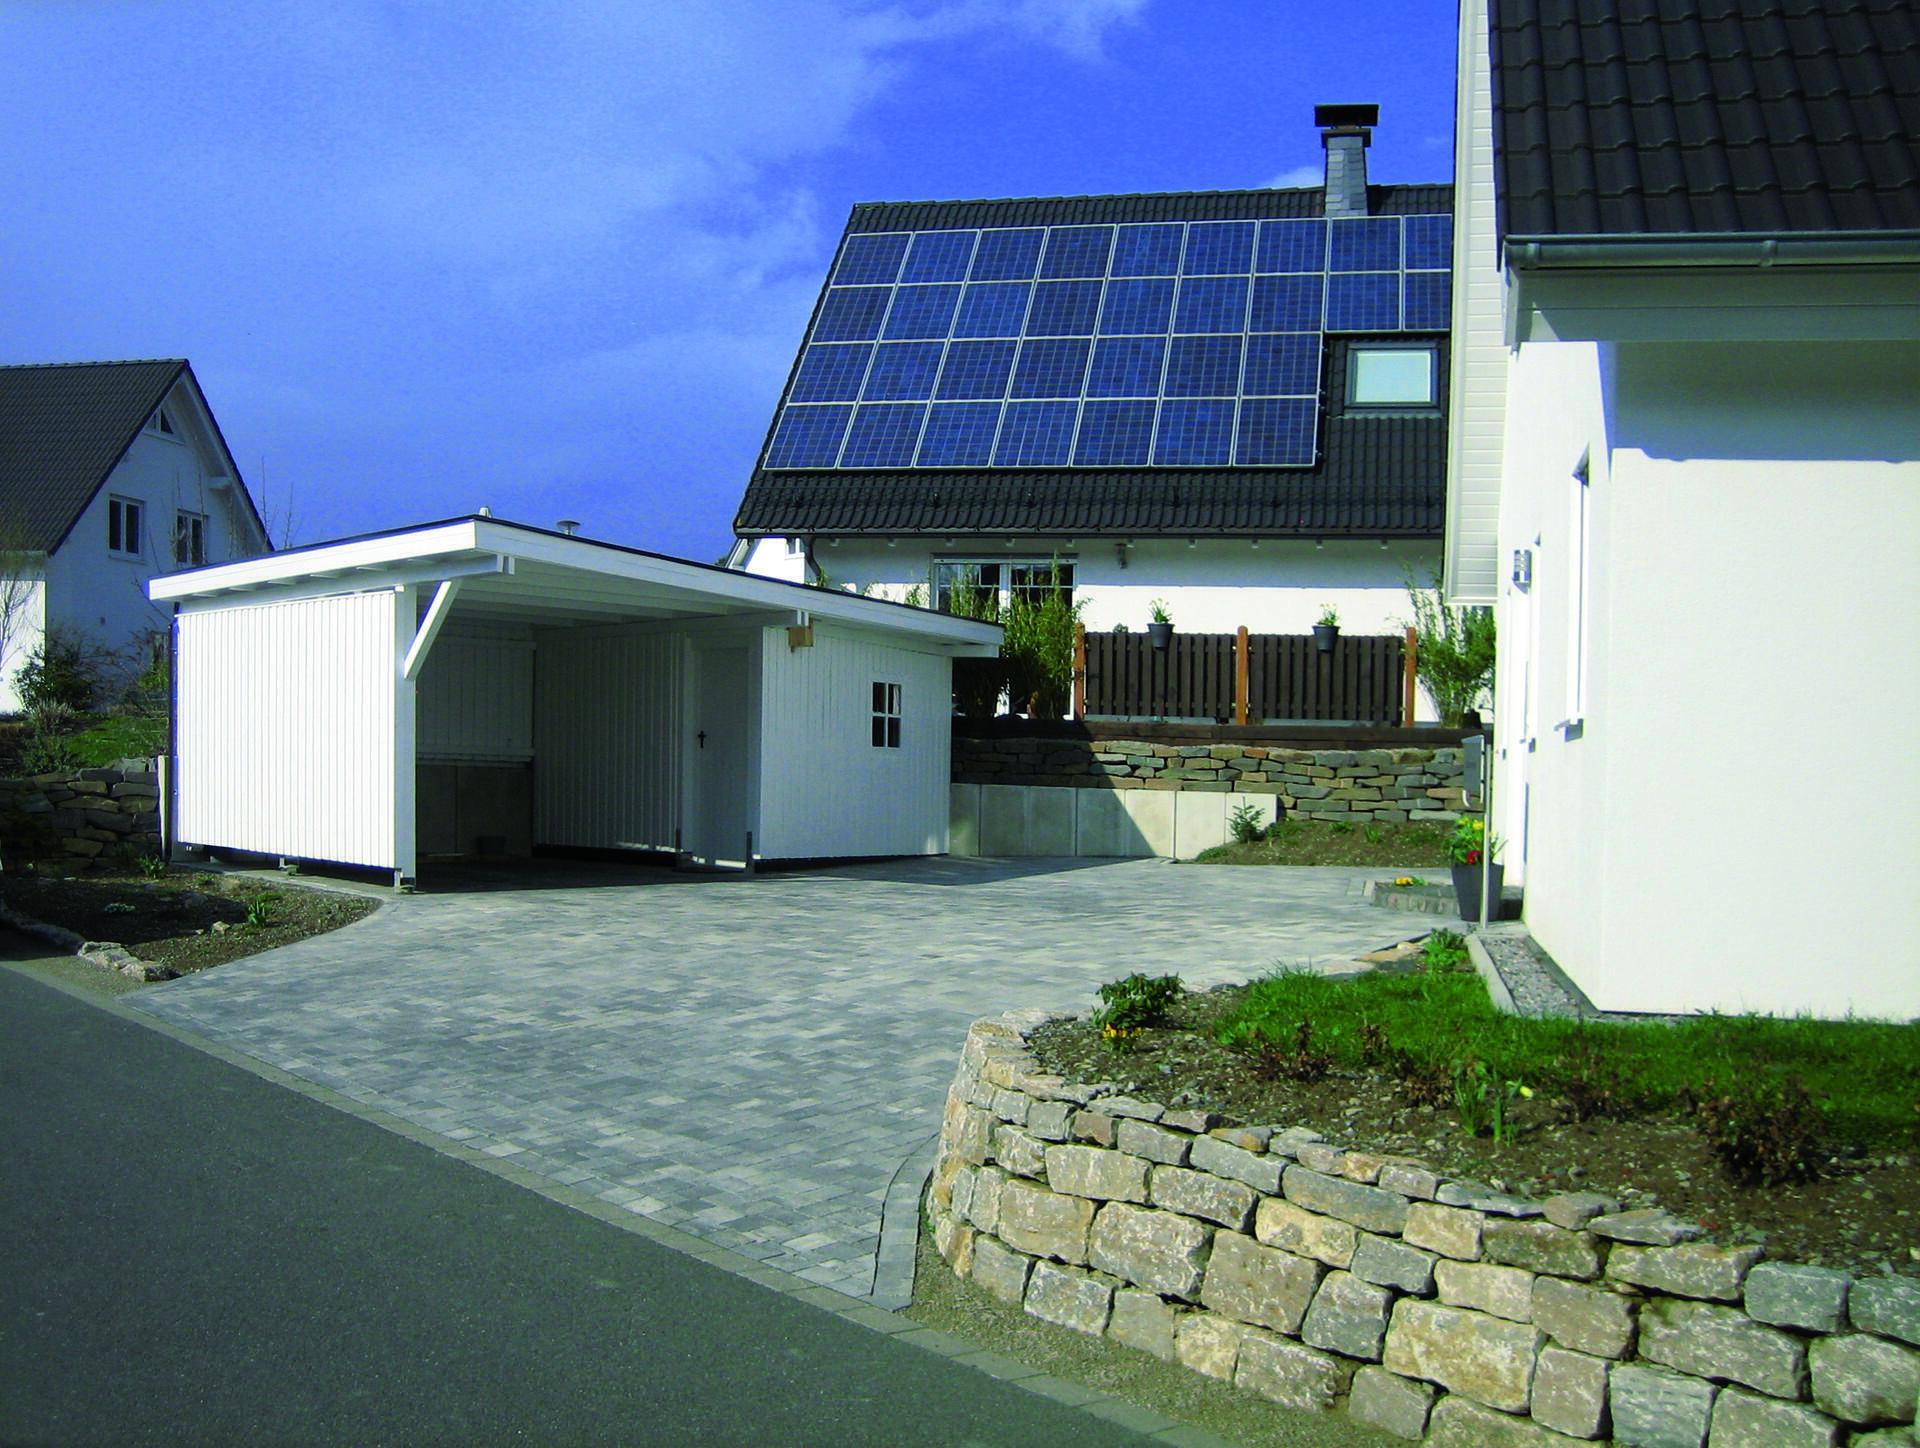 Sondercarport, weiß, Flachdach, drei Wände und ein Stellplatz komplett als Abstellraum